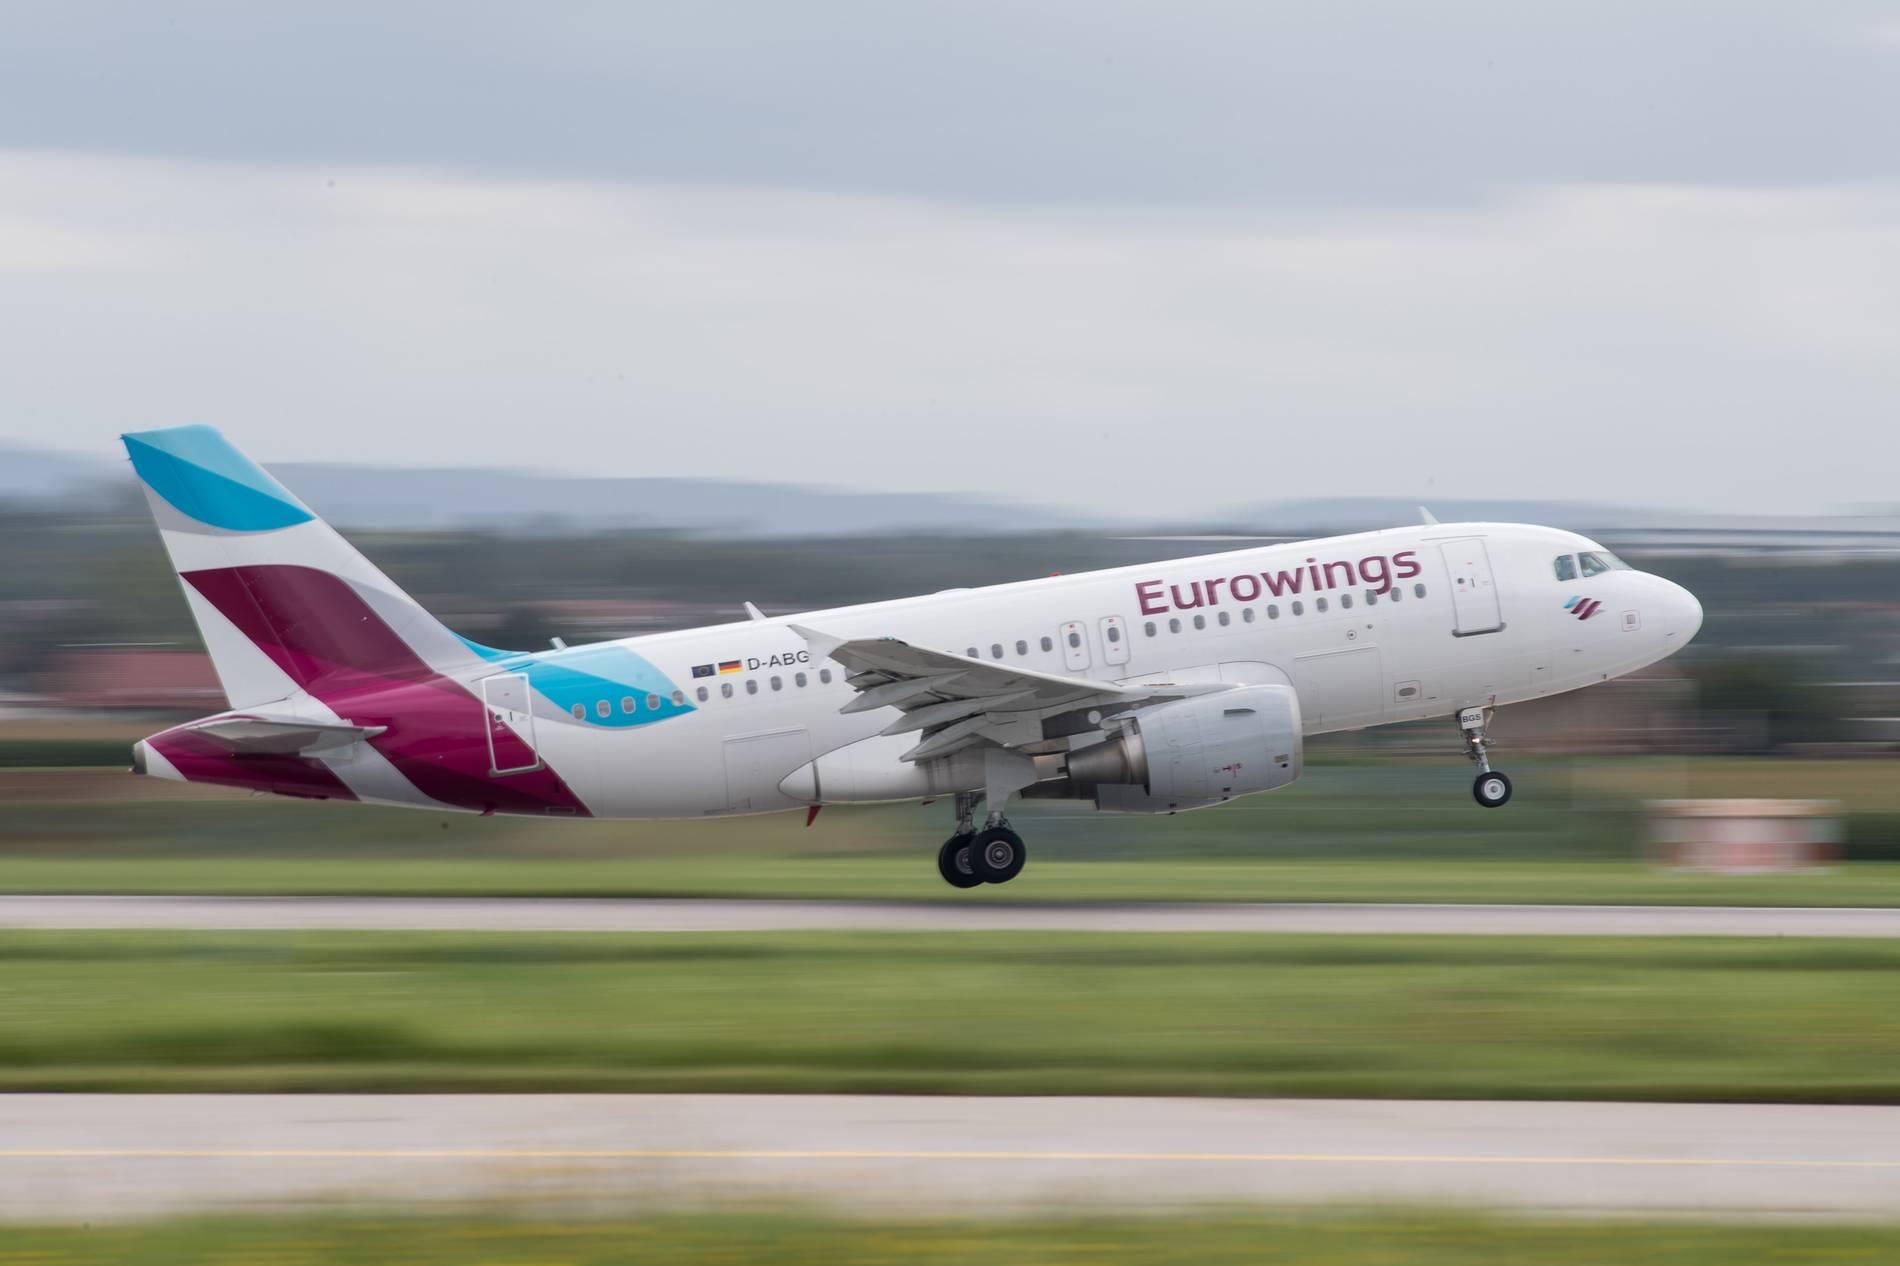 Erfahrungen mit eurowings nach bangkok